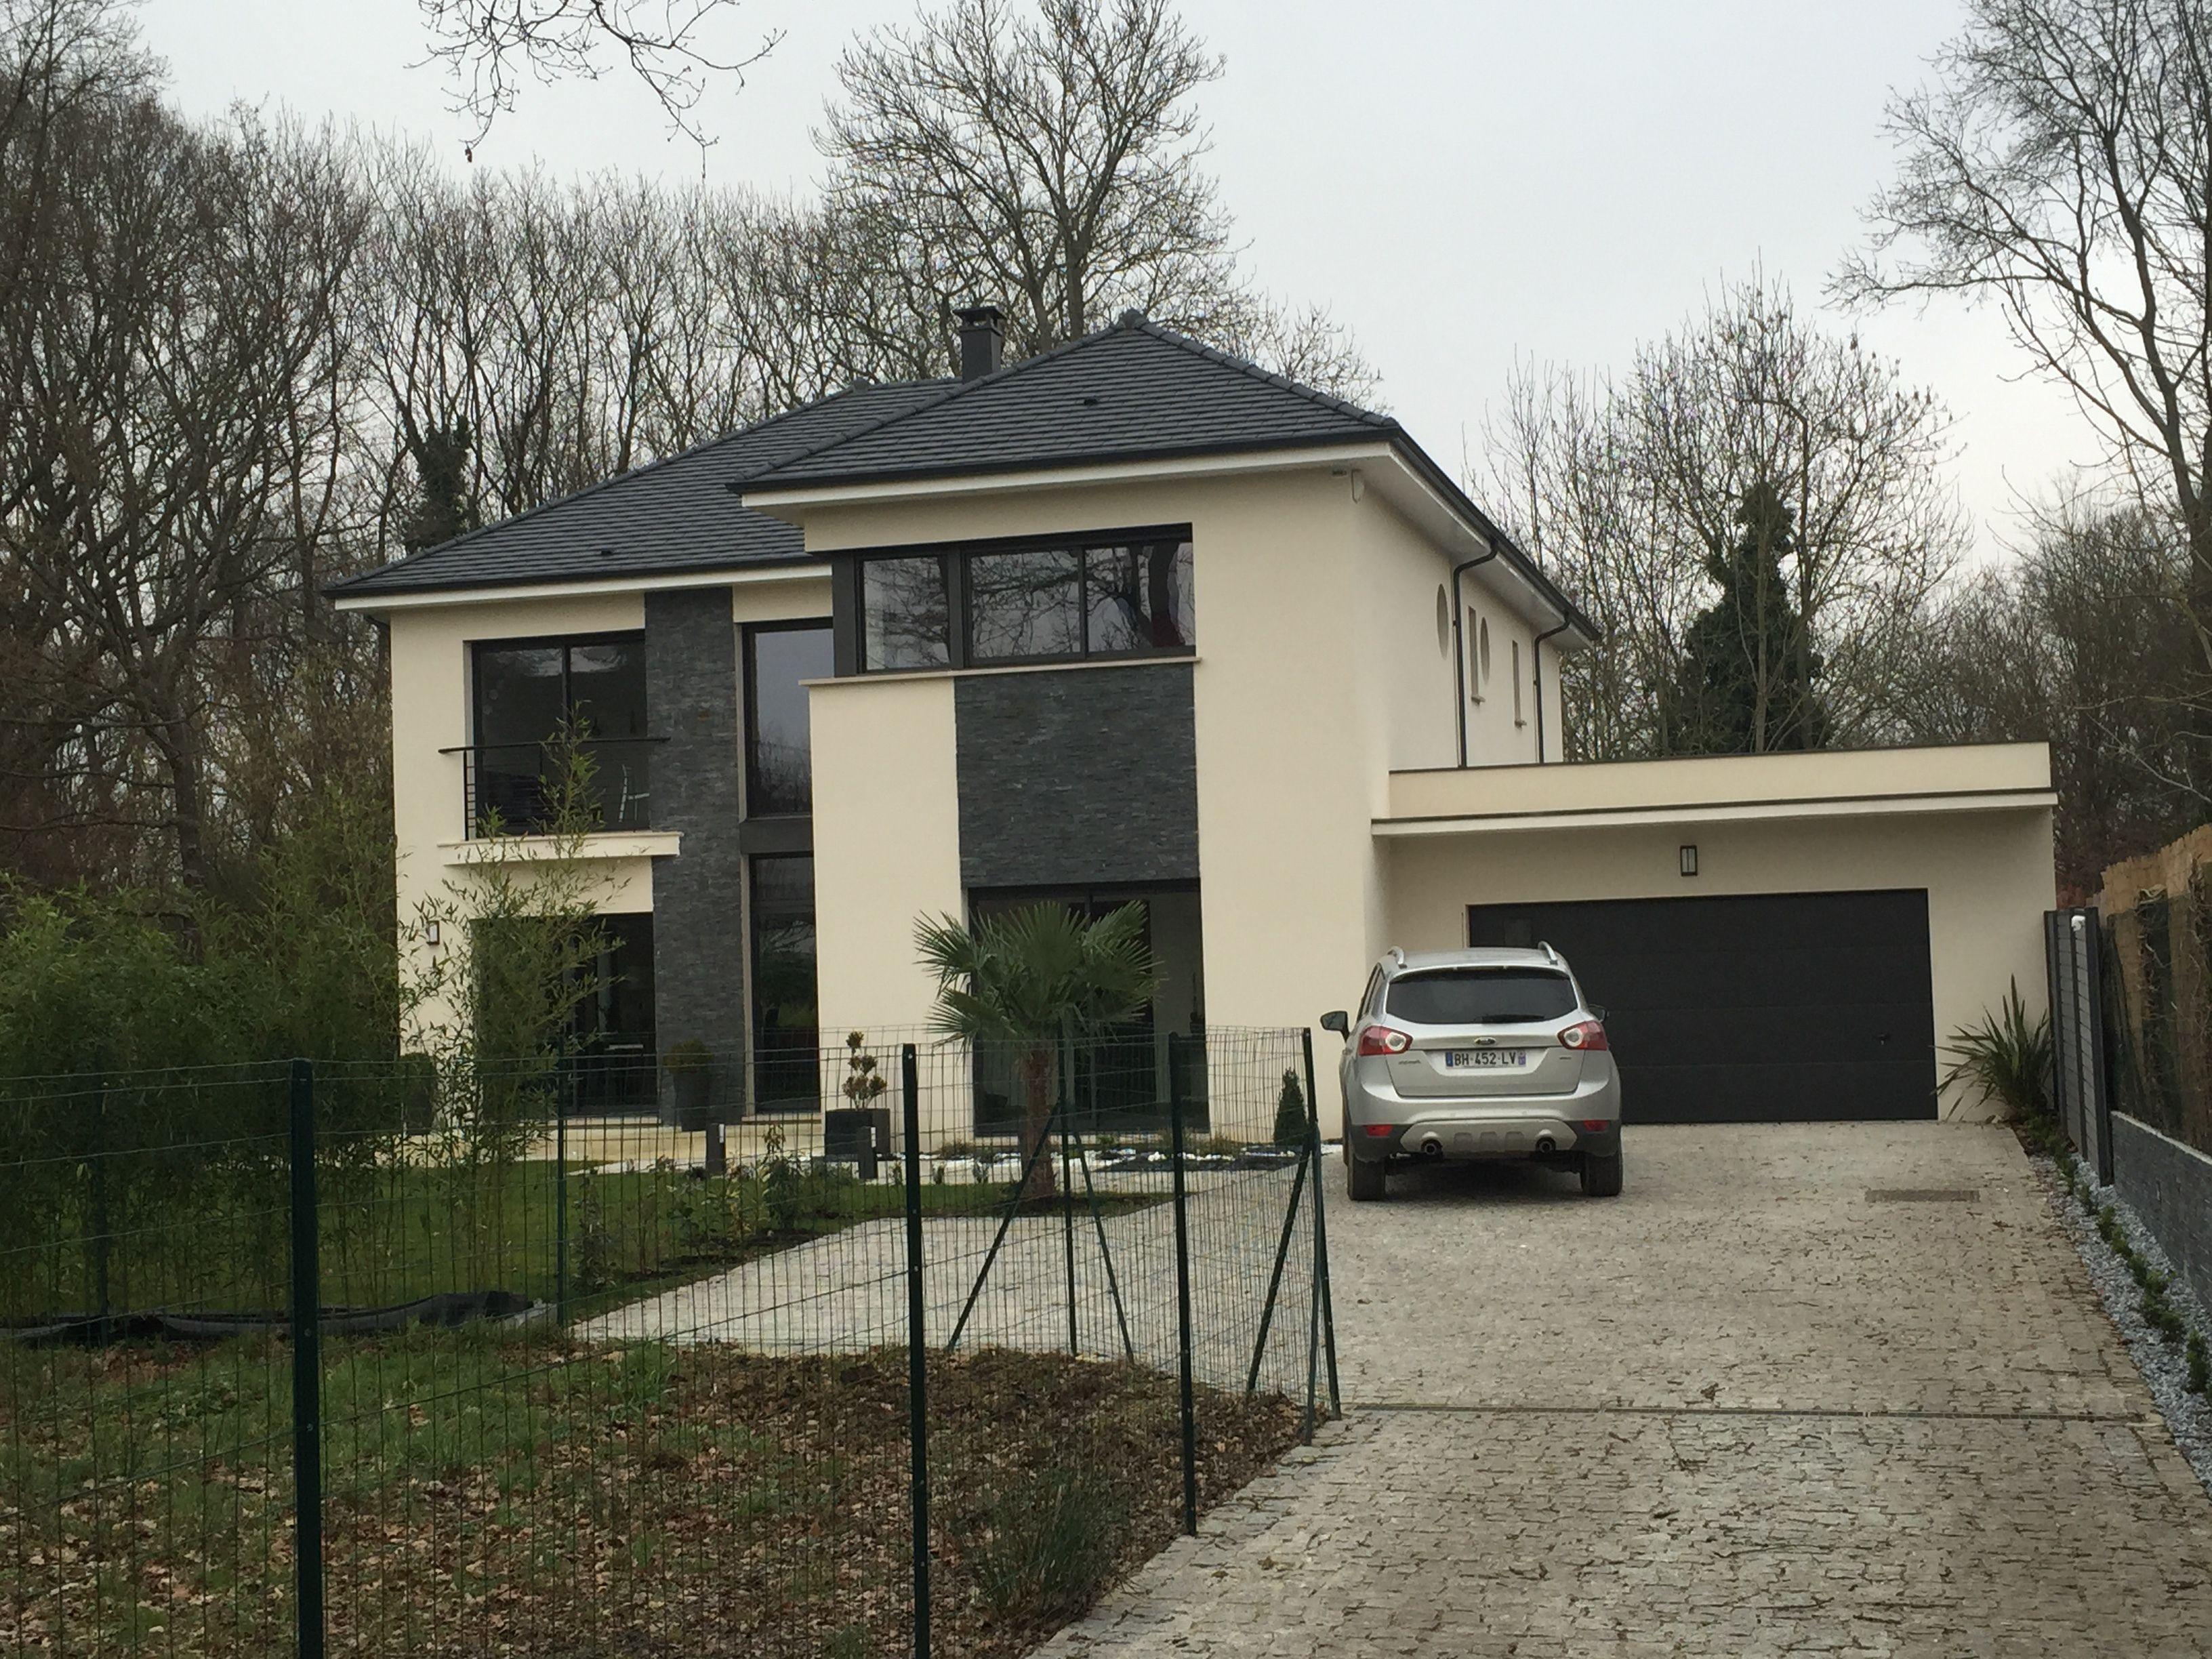 Maison - Modèle 2 - Les Maisons Renobat - 480000 euros - 200 m2 ...